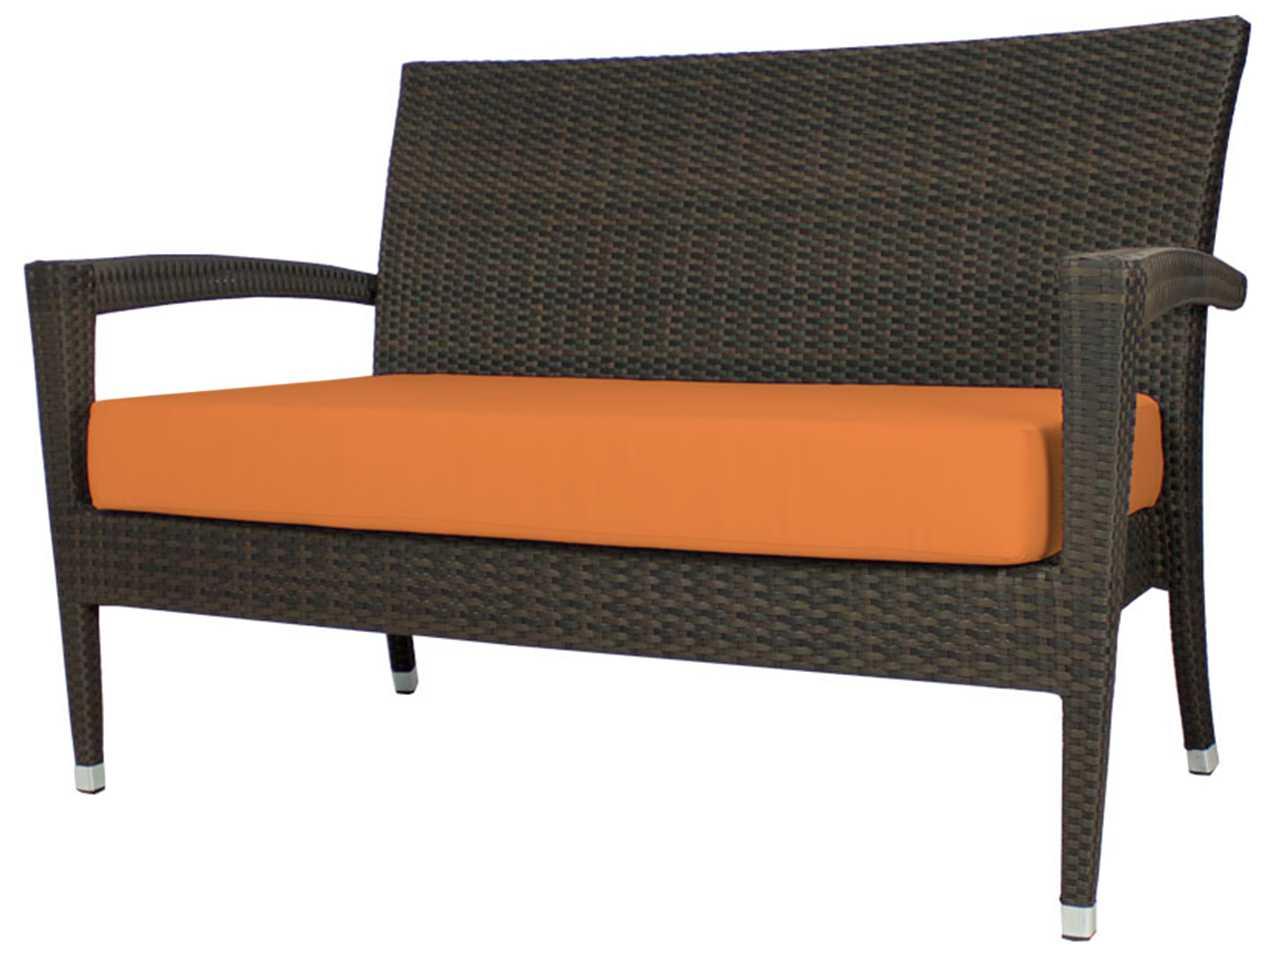 Source outdoor furniture zen wicker loveseat scso2002102 for Source outdoor furniture